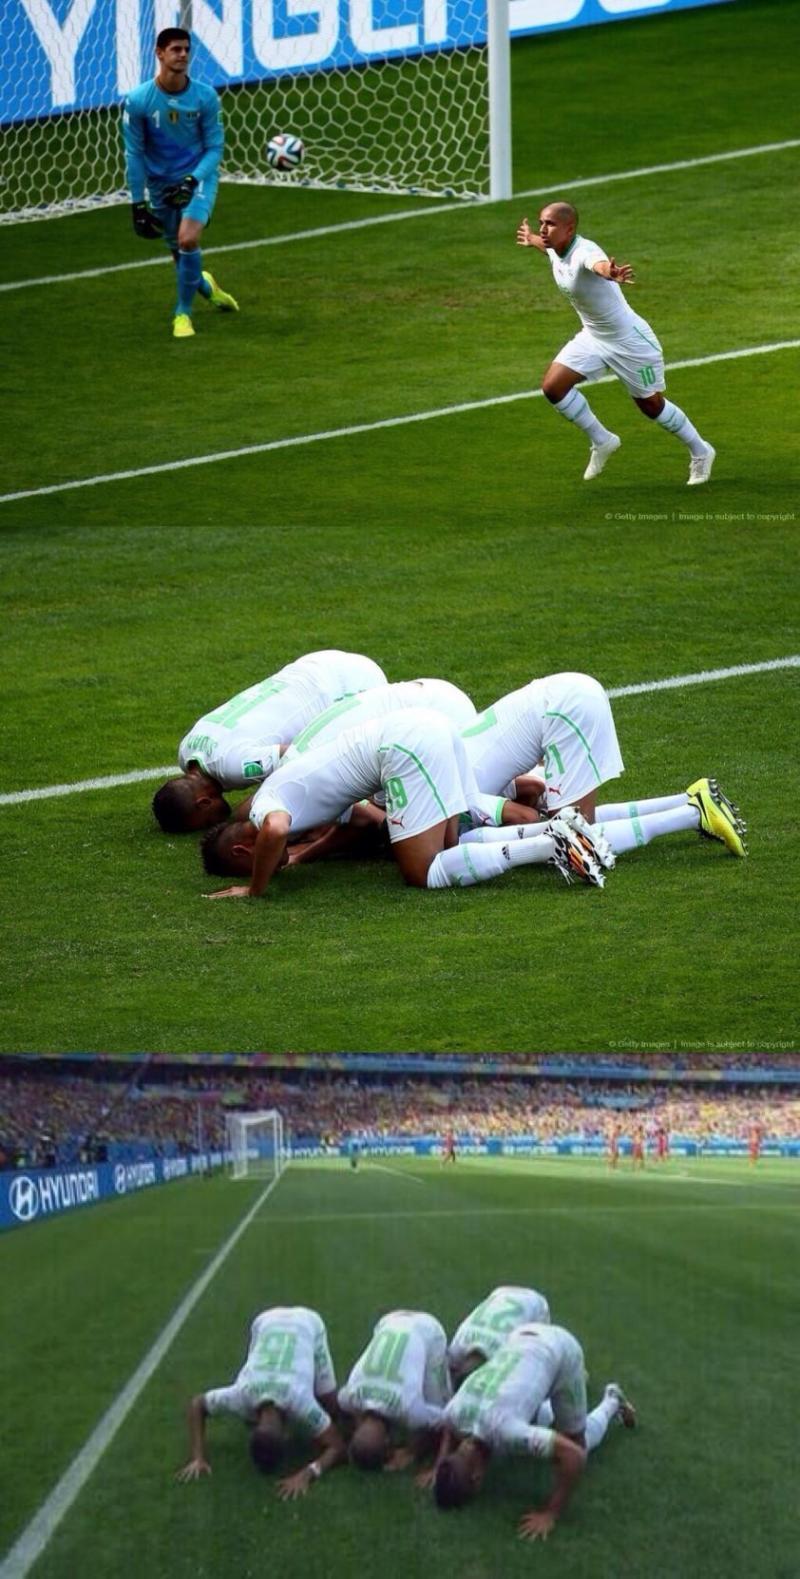 بعد هدف الجزائر في #كأس_العالم الفريق يسجد